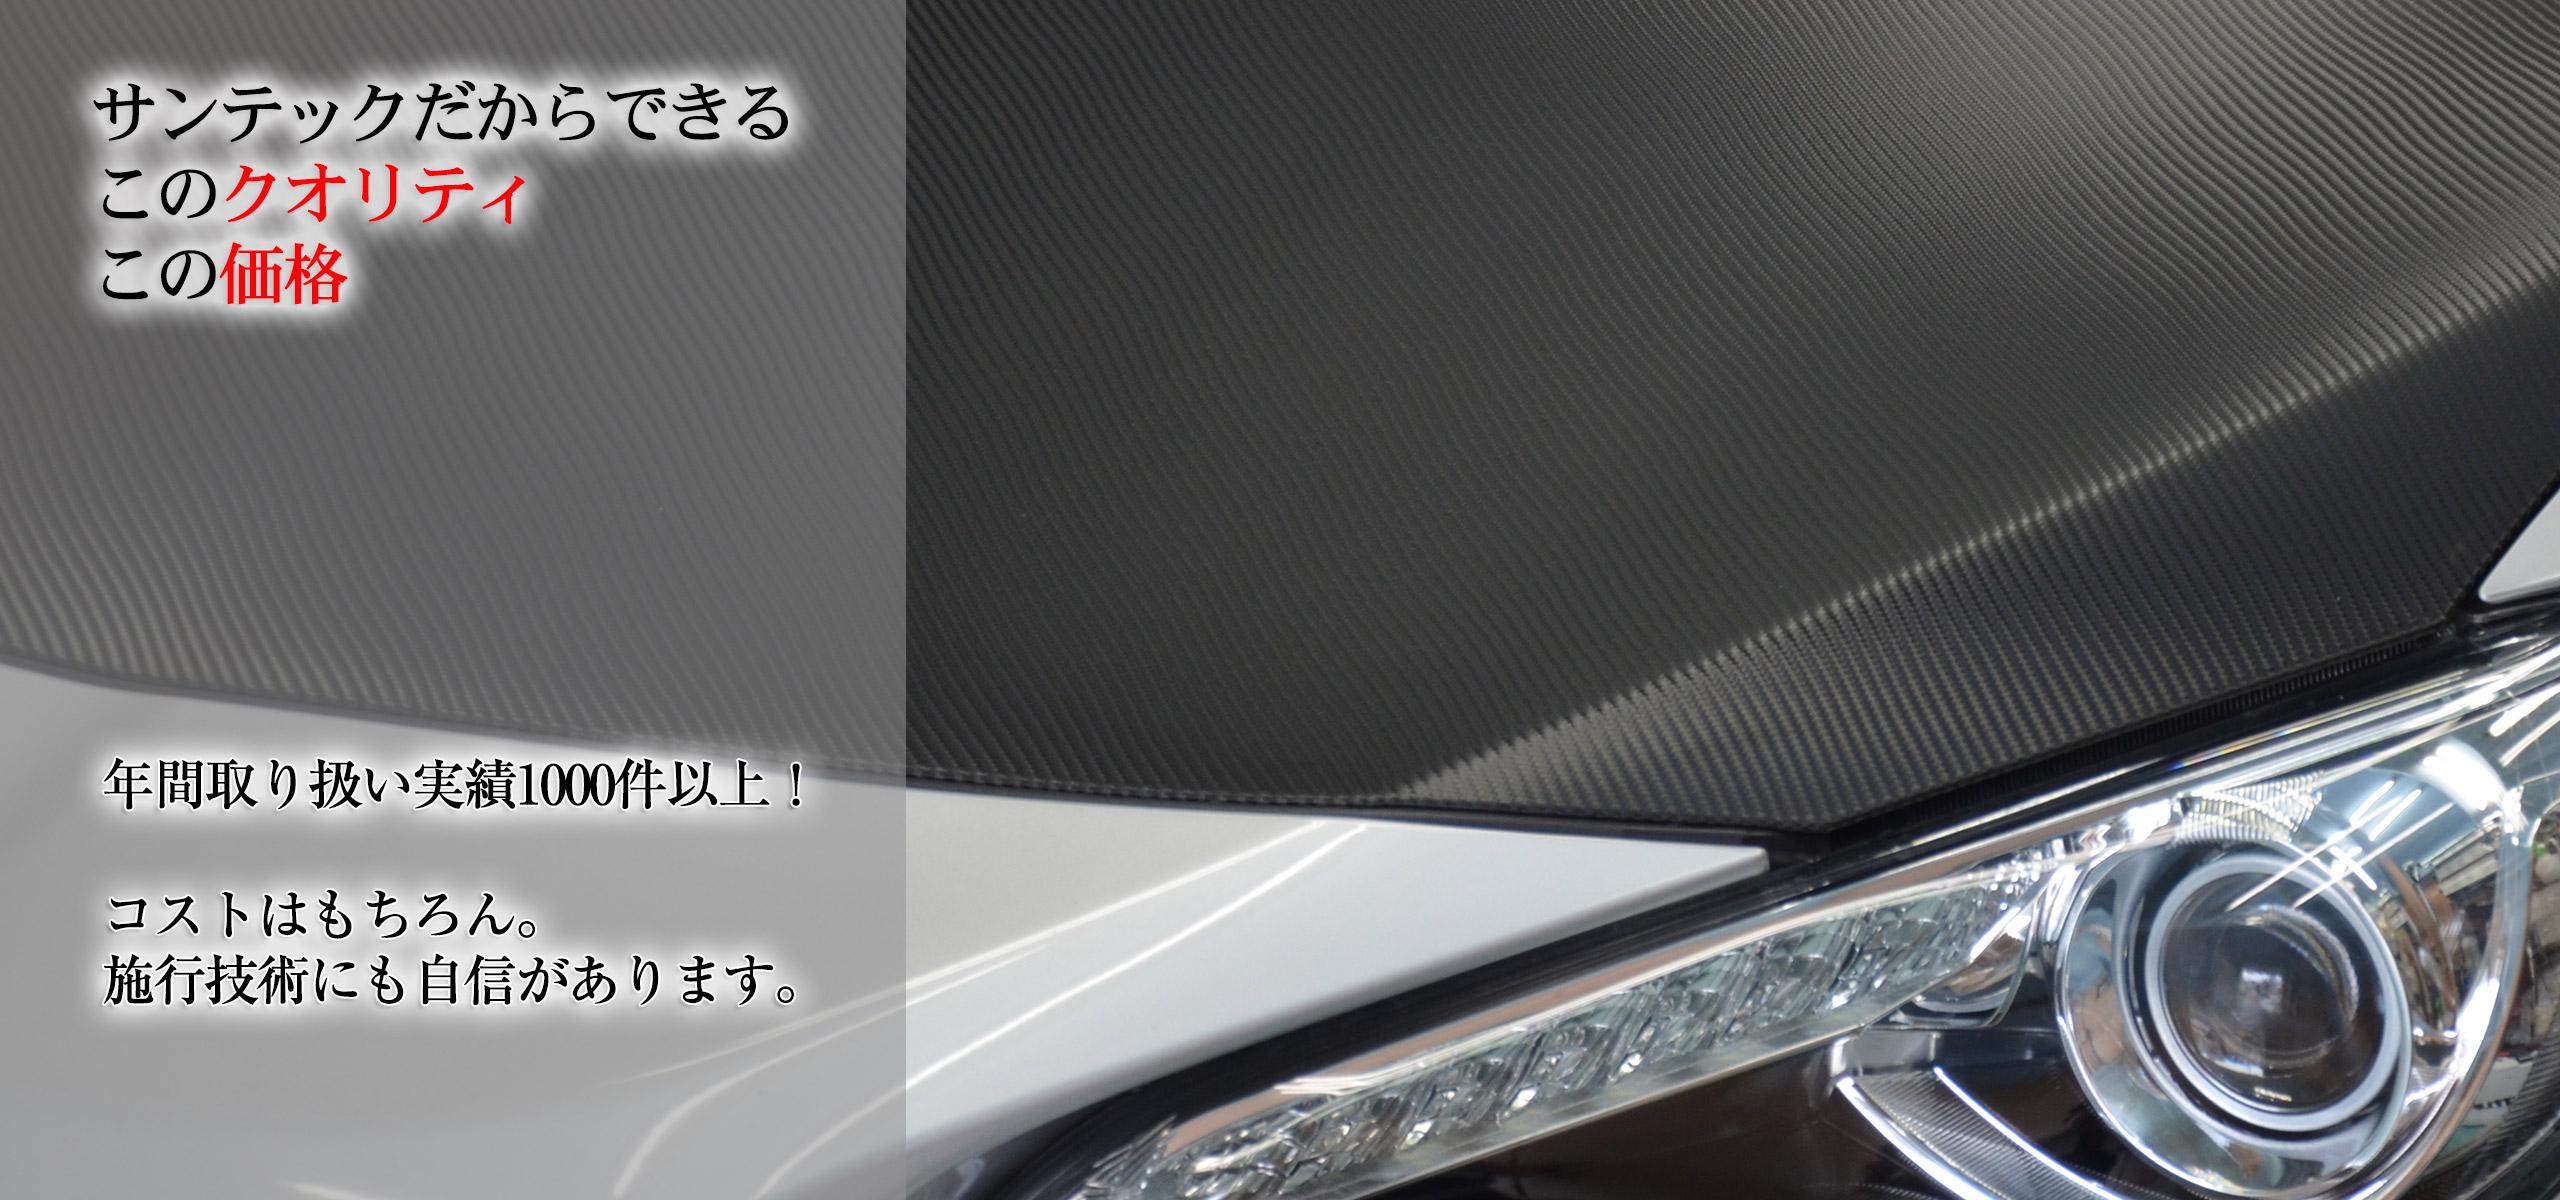 フロントガラスリペア・修理・交換/カーフィルム/カーコーティング/プロテクションフィルム【横浜近郊無料出張 サンテック】